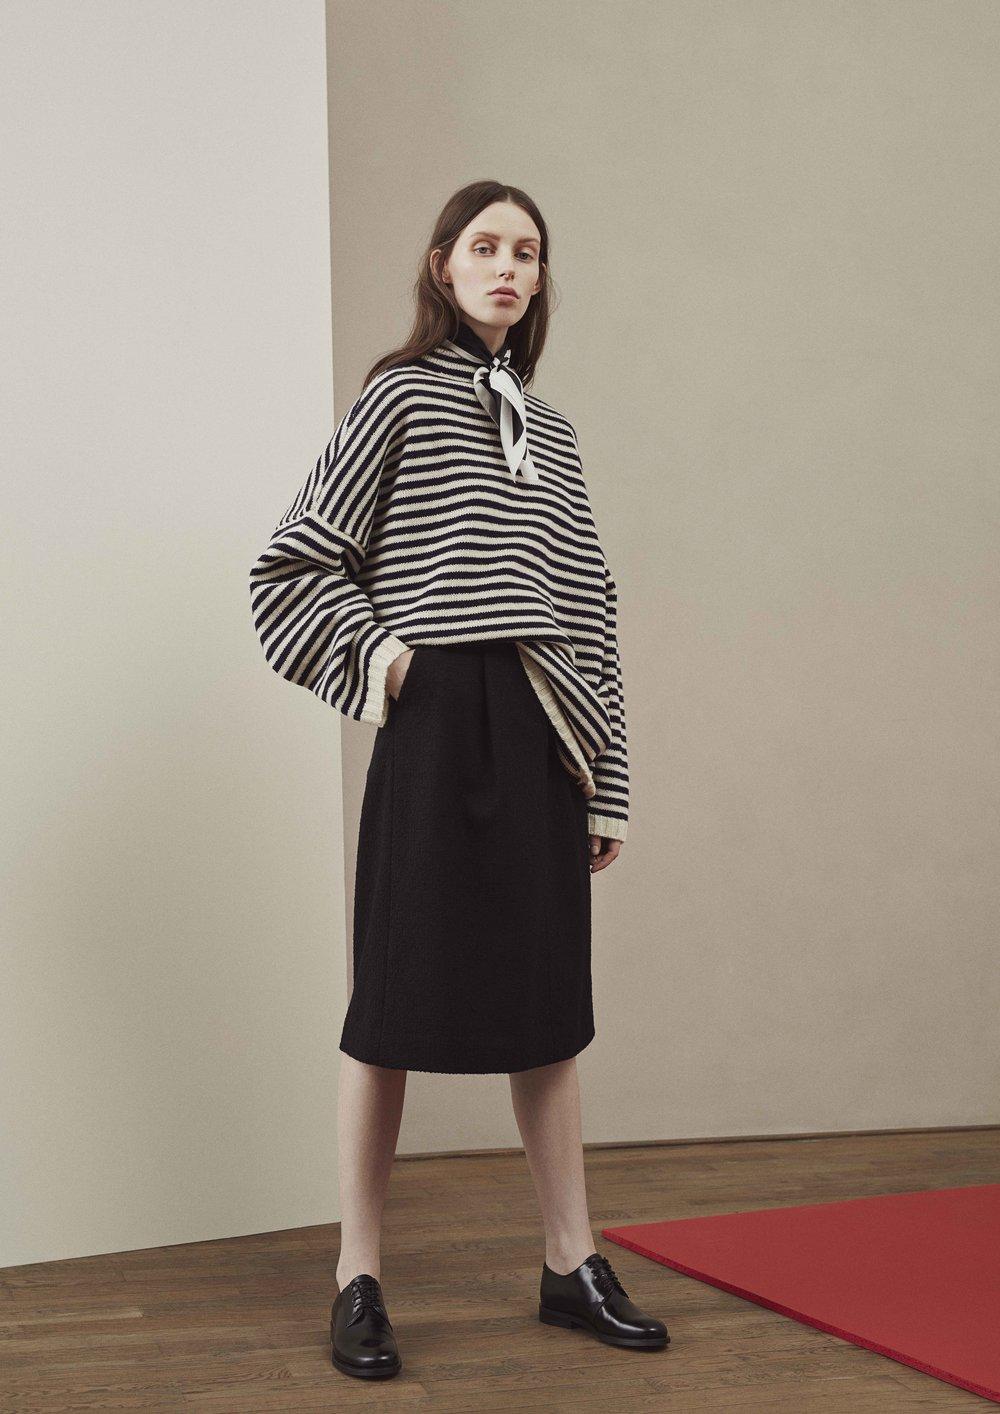 <b>7</b><br>Irene Shetland Wool Sweater<br>Helena Corduroy Pants